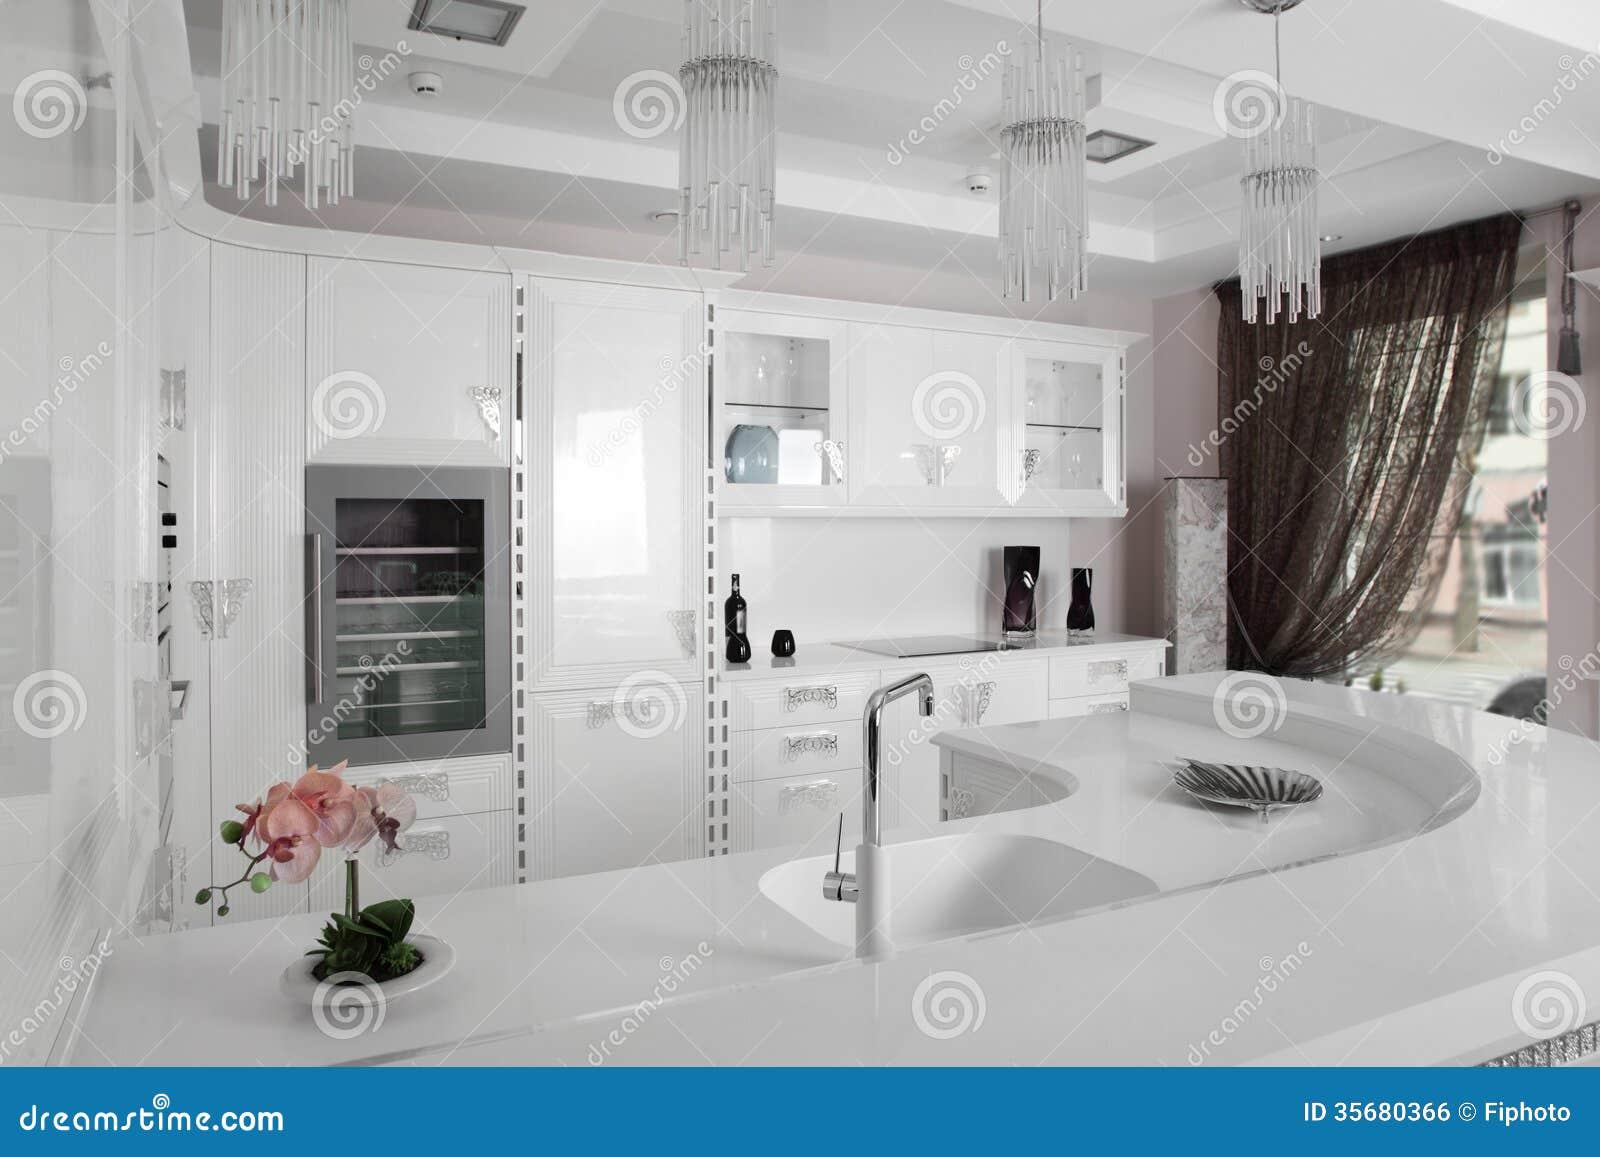 Cocina moderna blanco y negro con muebles elegantes foto for Muebles de cocina blancos